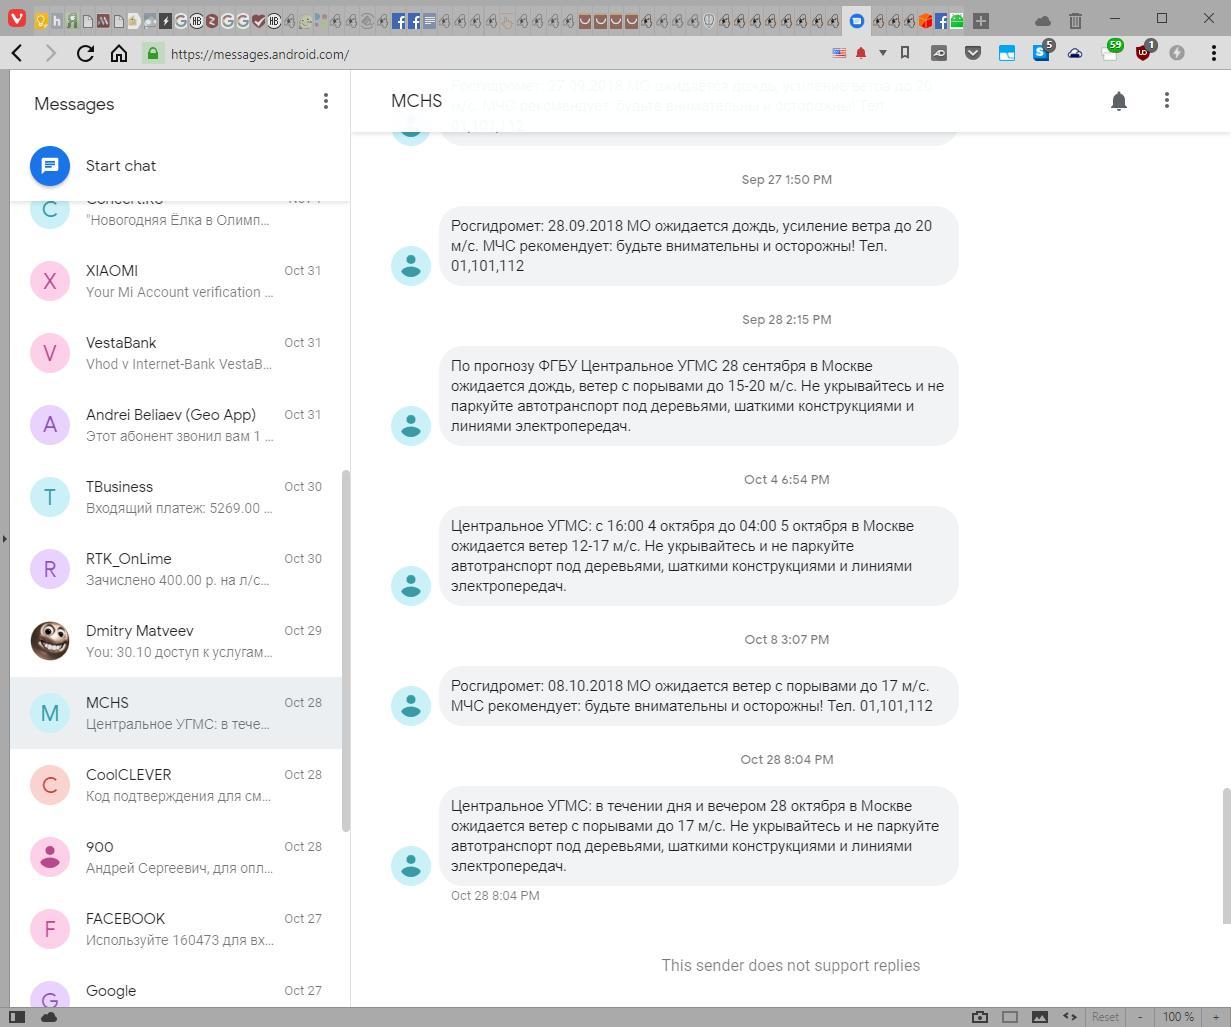 Как отправлять смс скомпьютера?